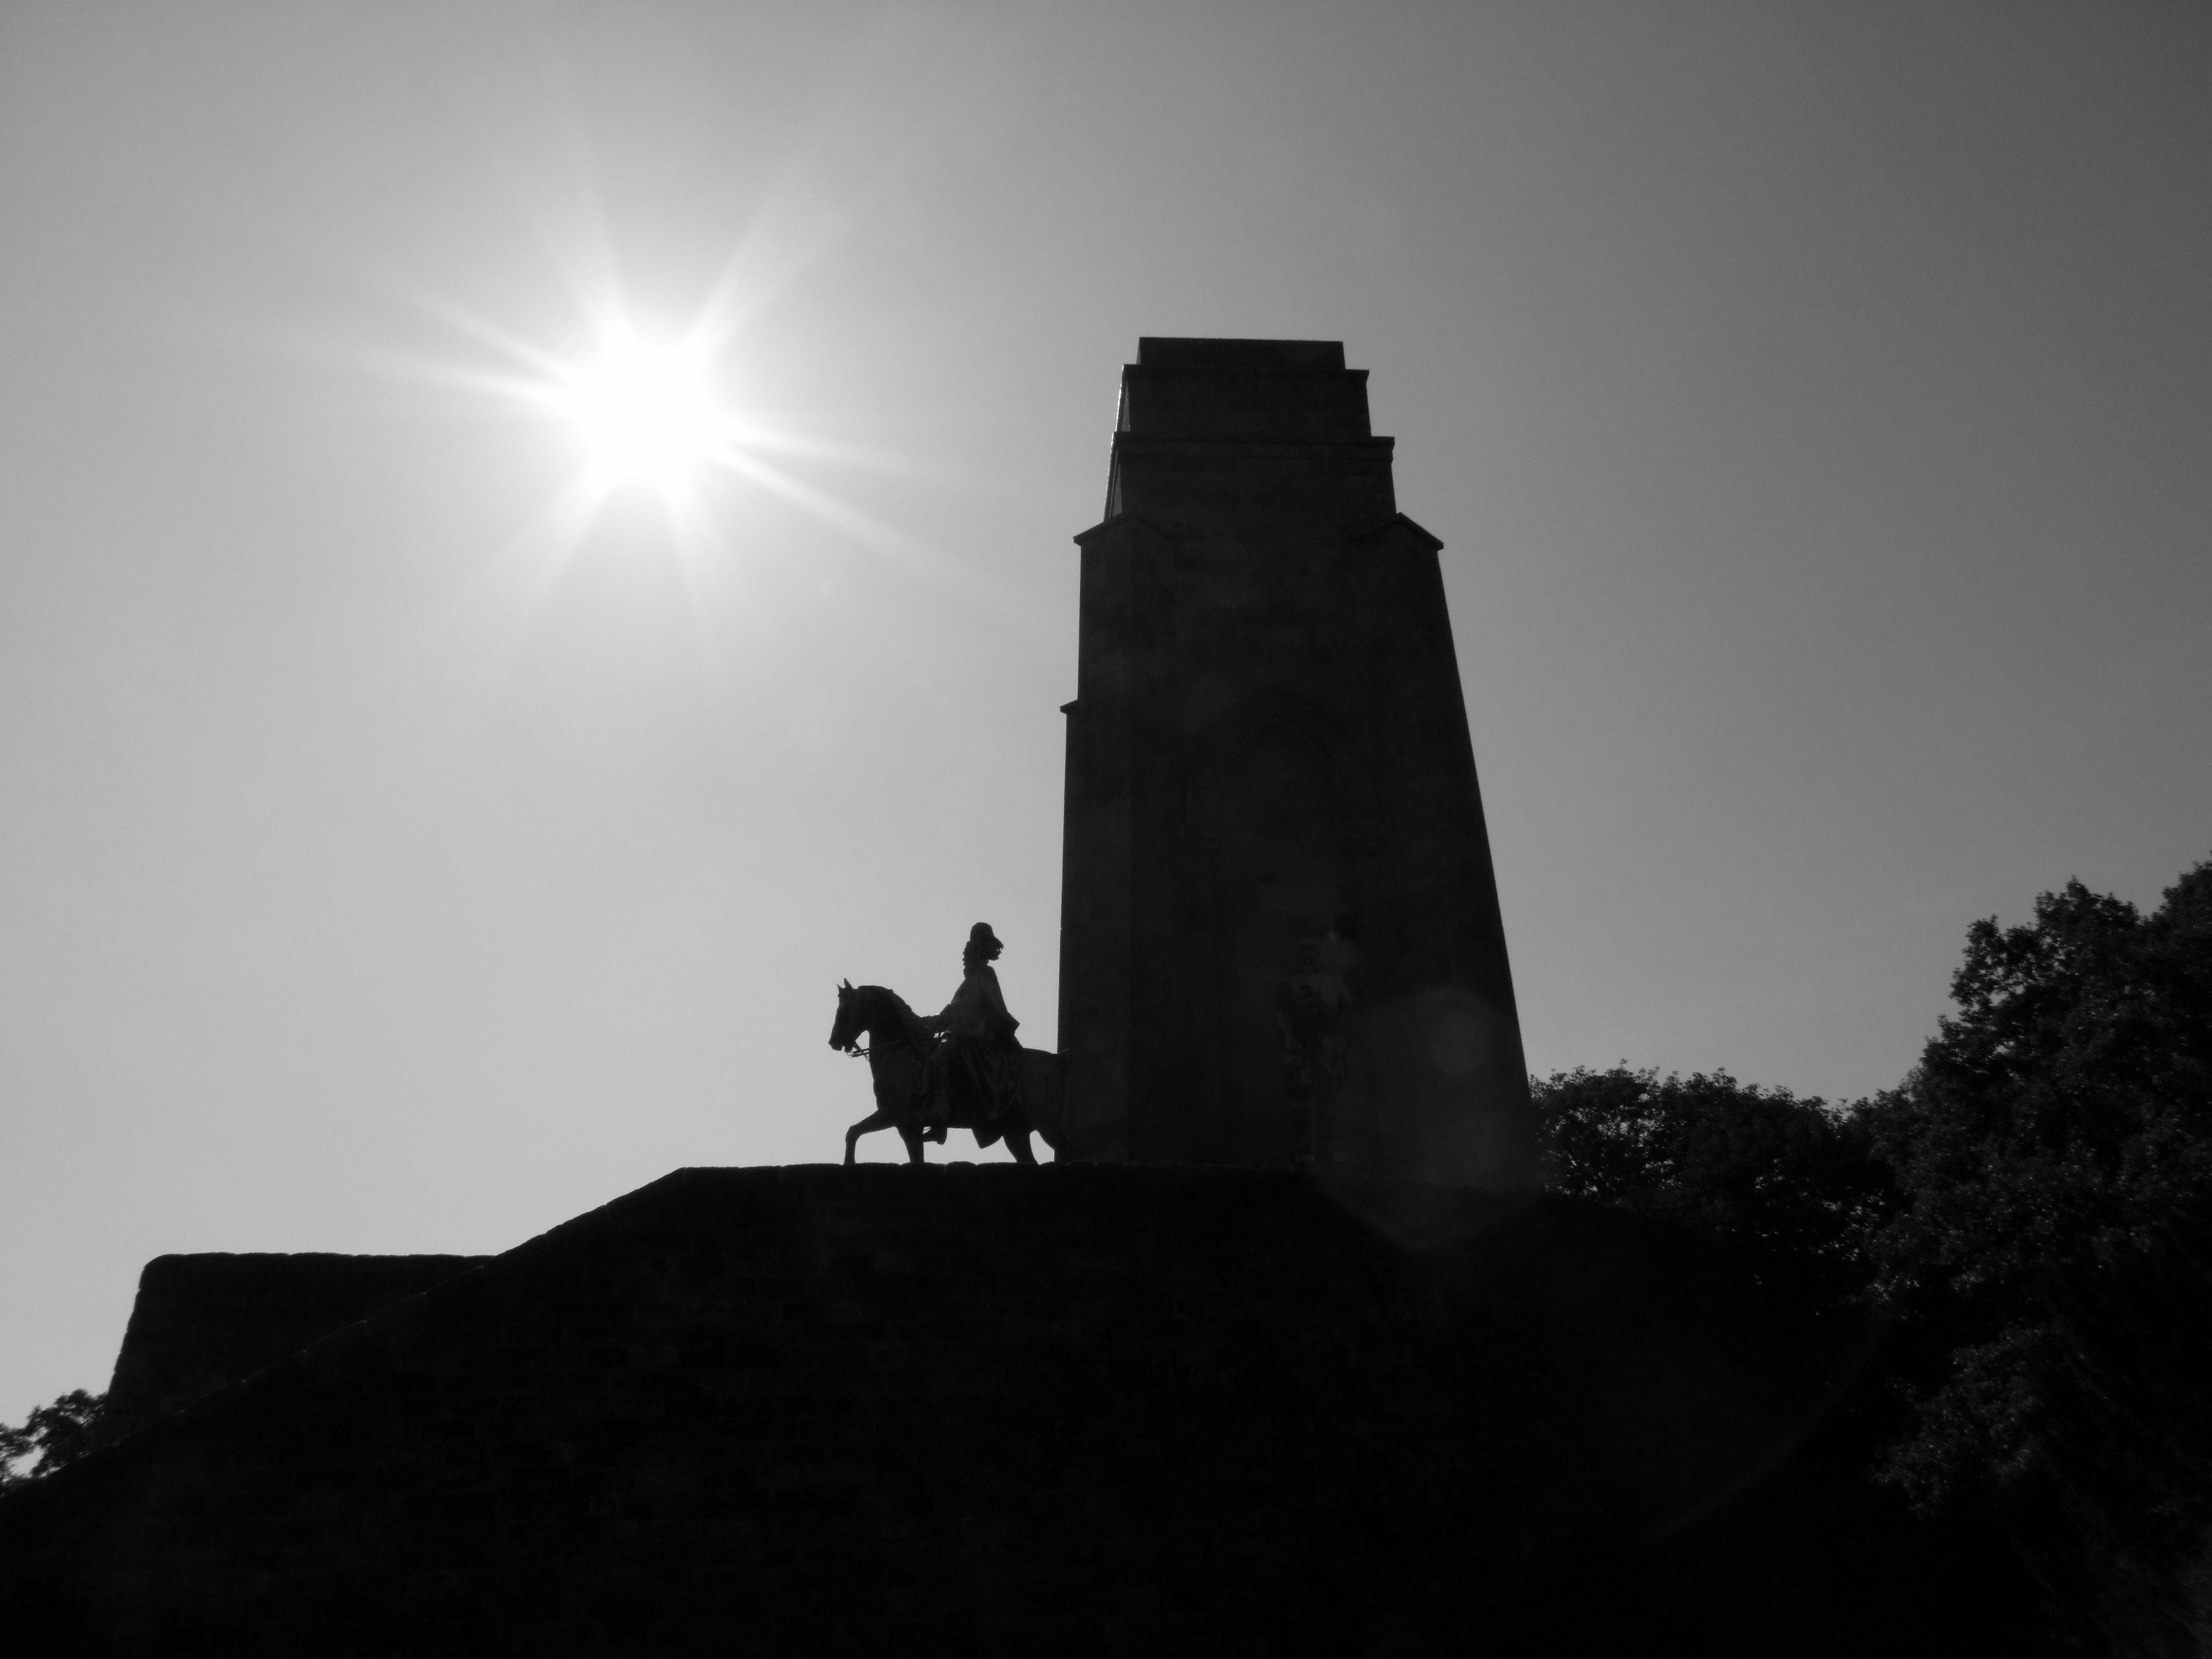 Denkmal Wilhelm 1 Kaiser-wilhelm-denkmal